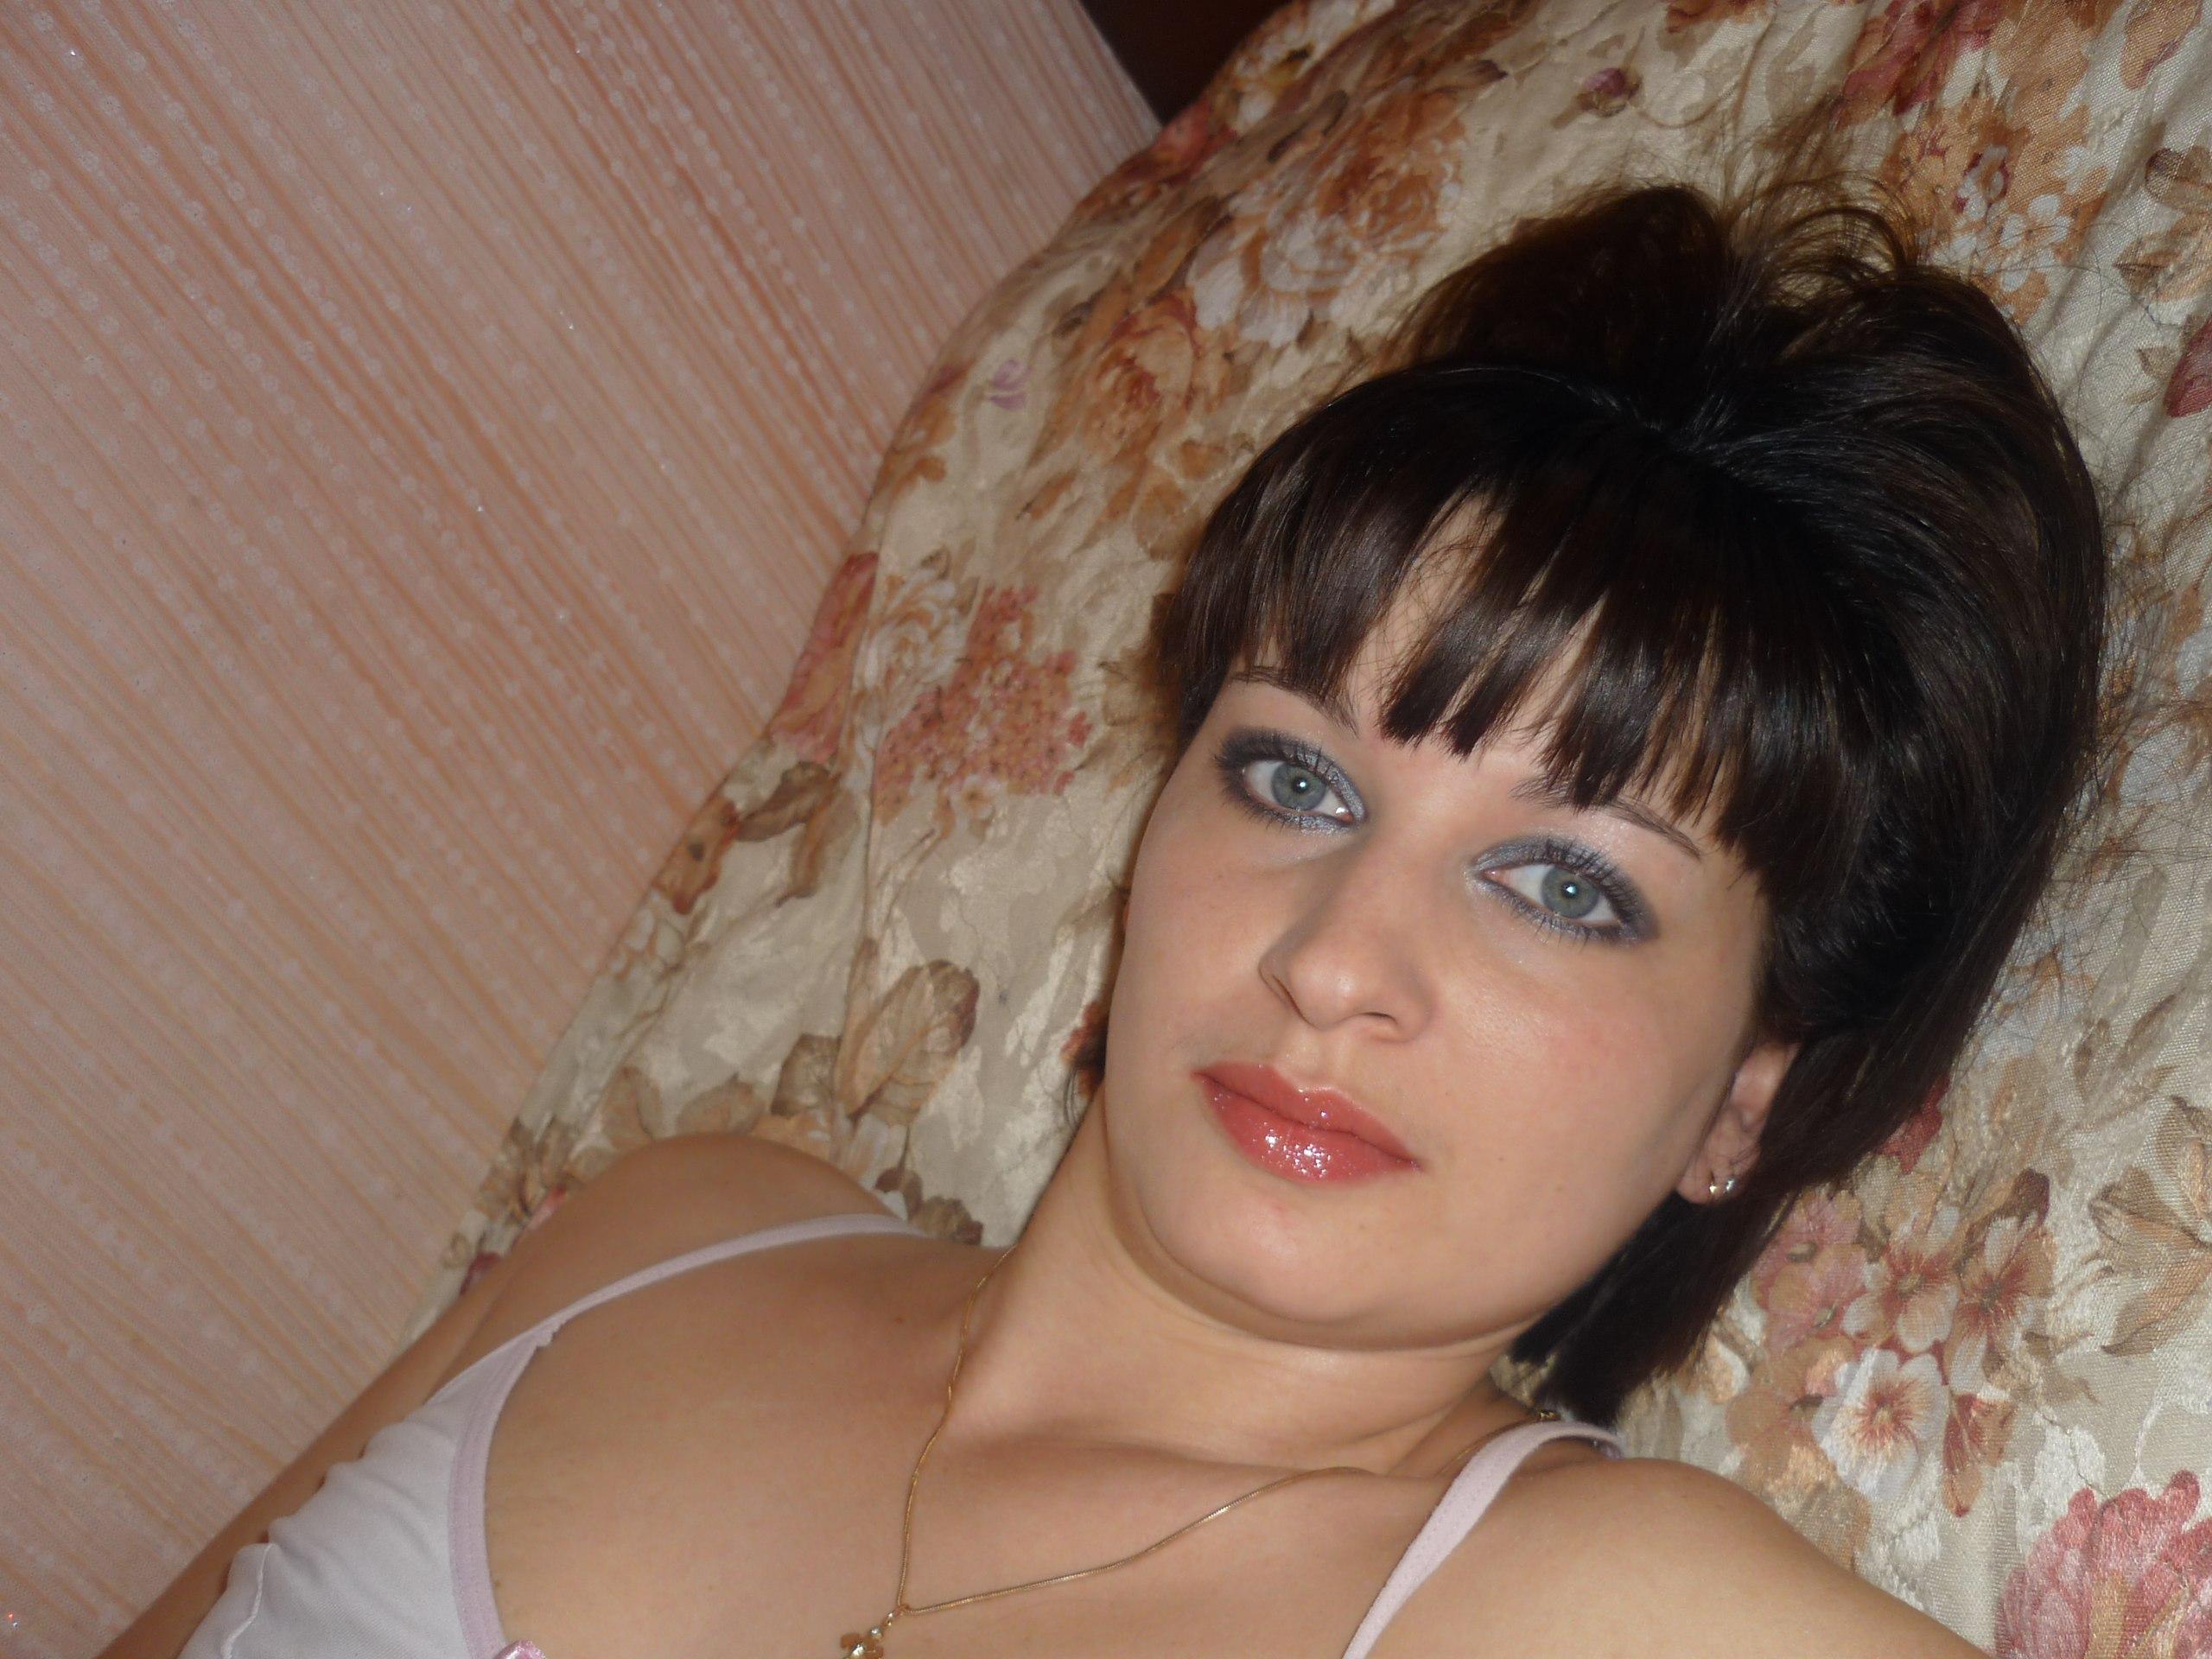 Шлюхи москвы на час, Проститутки Москвы - снять шлюху или девушку на час 19 фотография